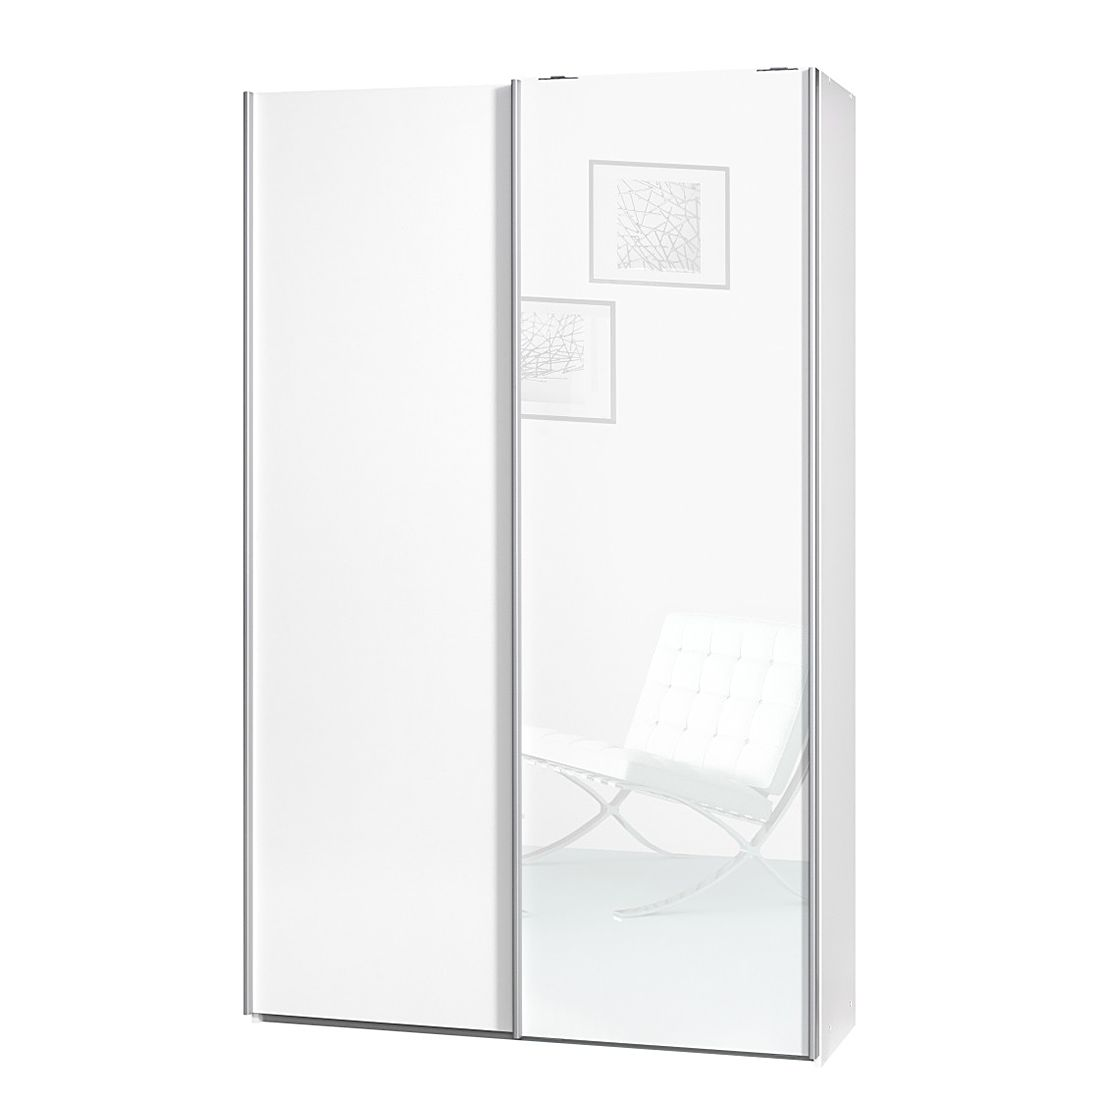 wei wei hochglanz wei breite 120 cm tiefe 42 cm cs schmal. Black Bedroom Furniture Sets. Home Design Ideas